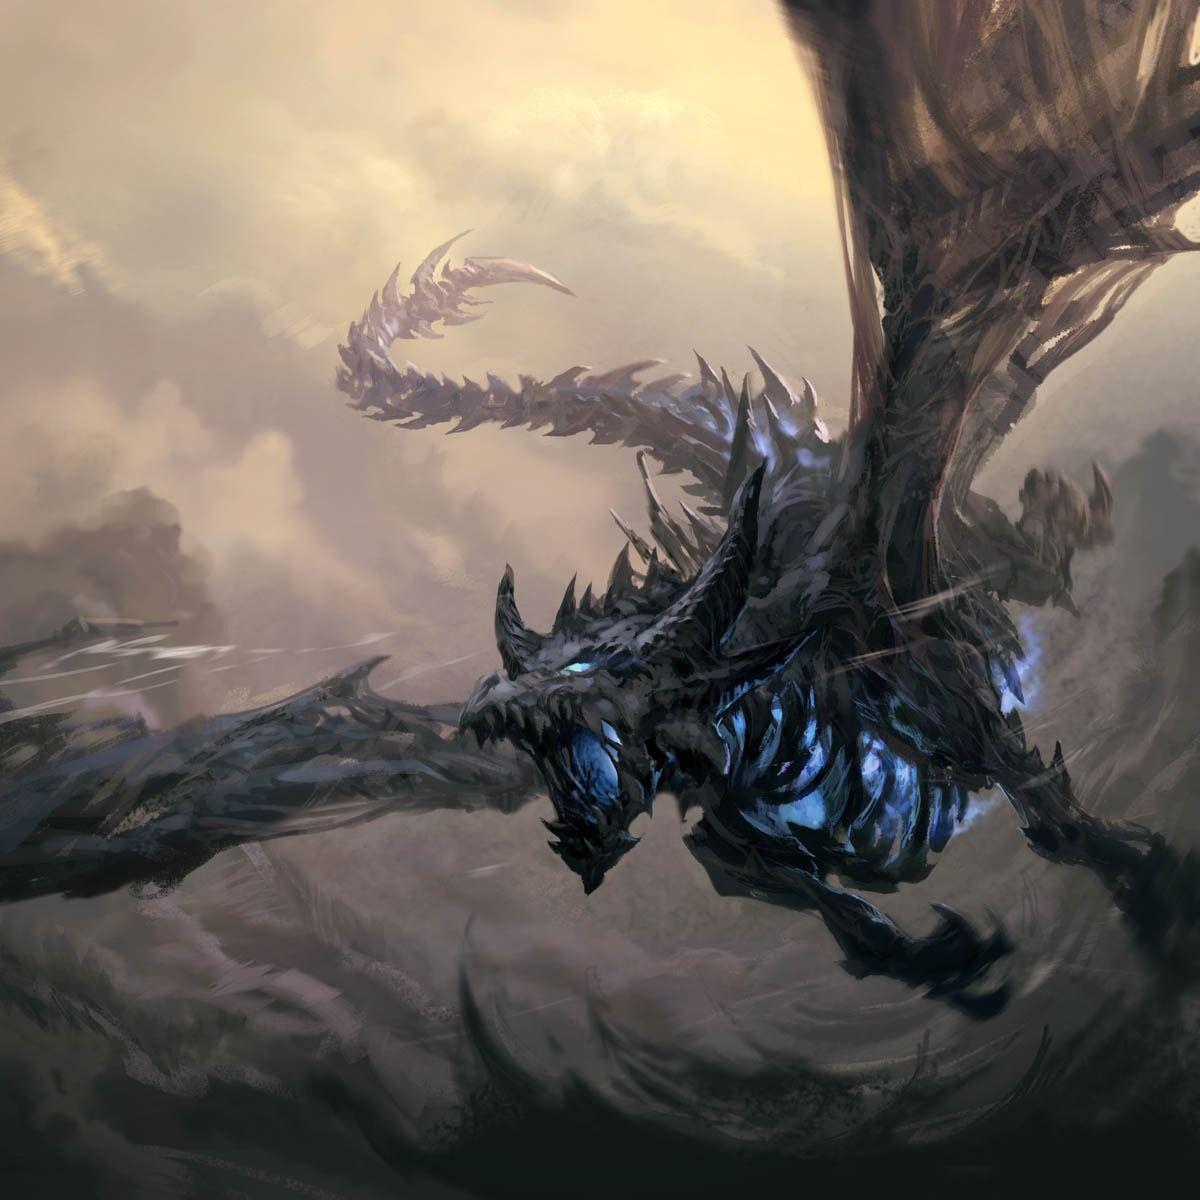 空を飛ぶドラゴンのかっこいい高画質な画像・壁紙を集めました!